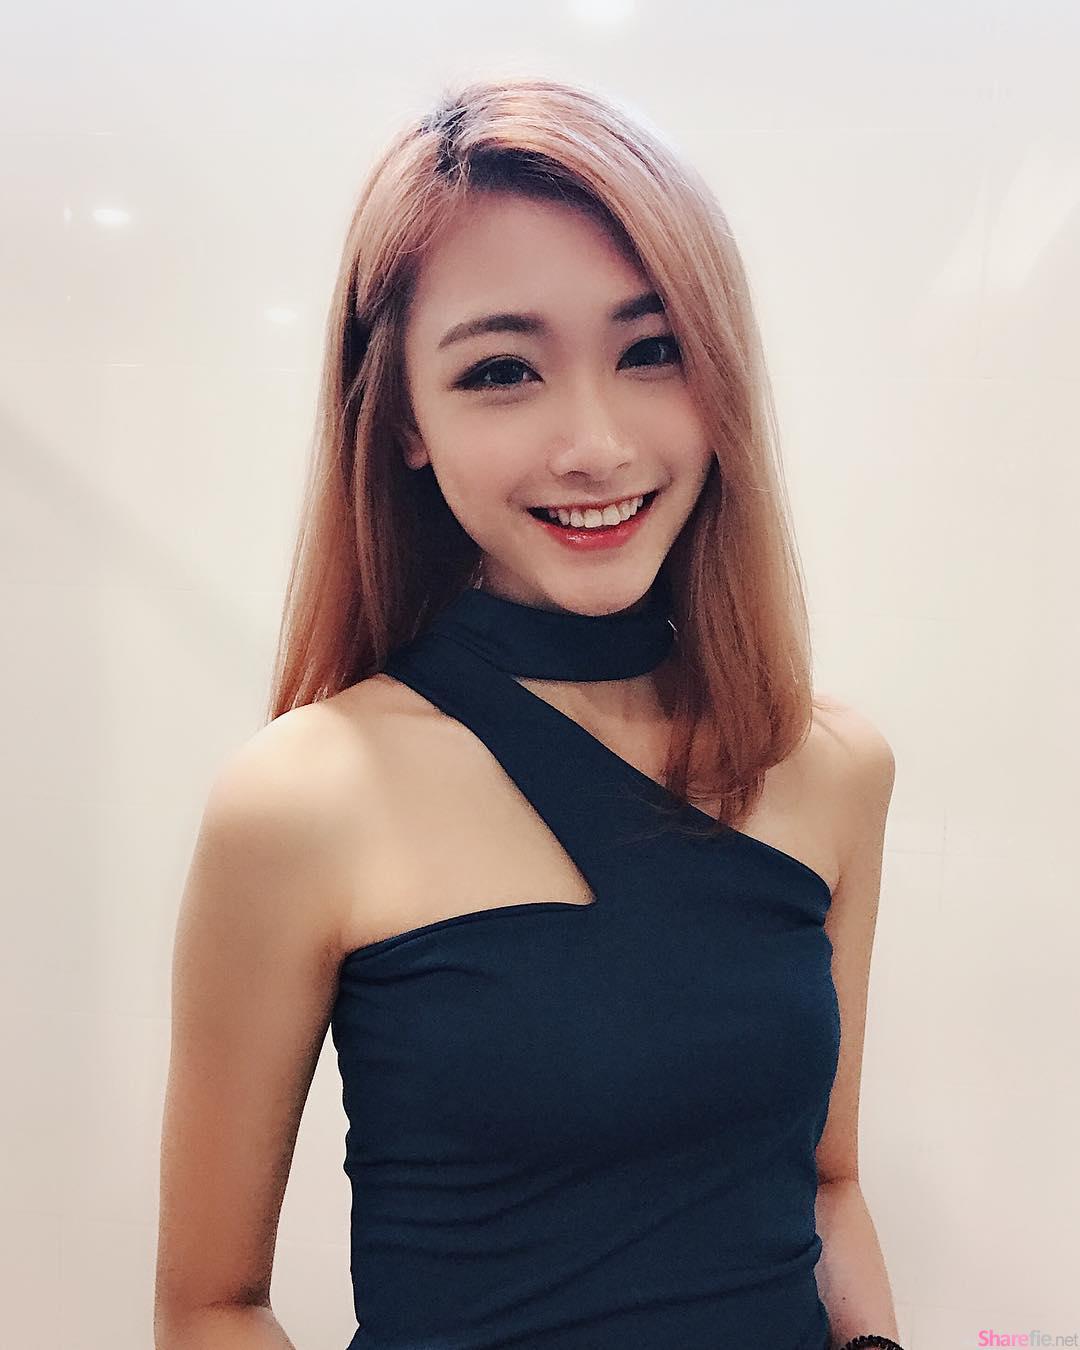 大马清新正妹SR,微微一笑让人一秒就恋爱